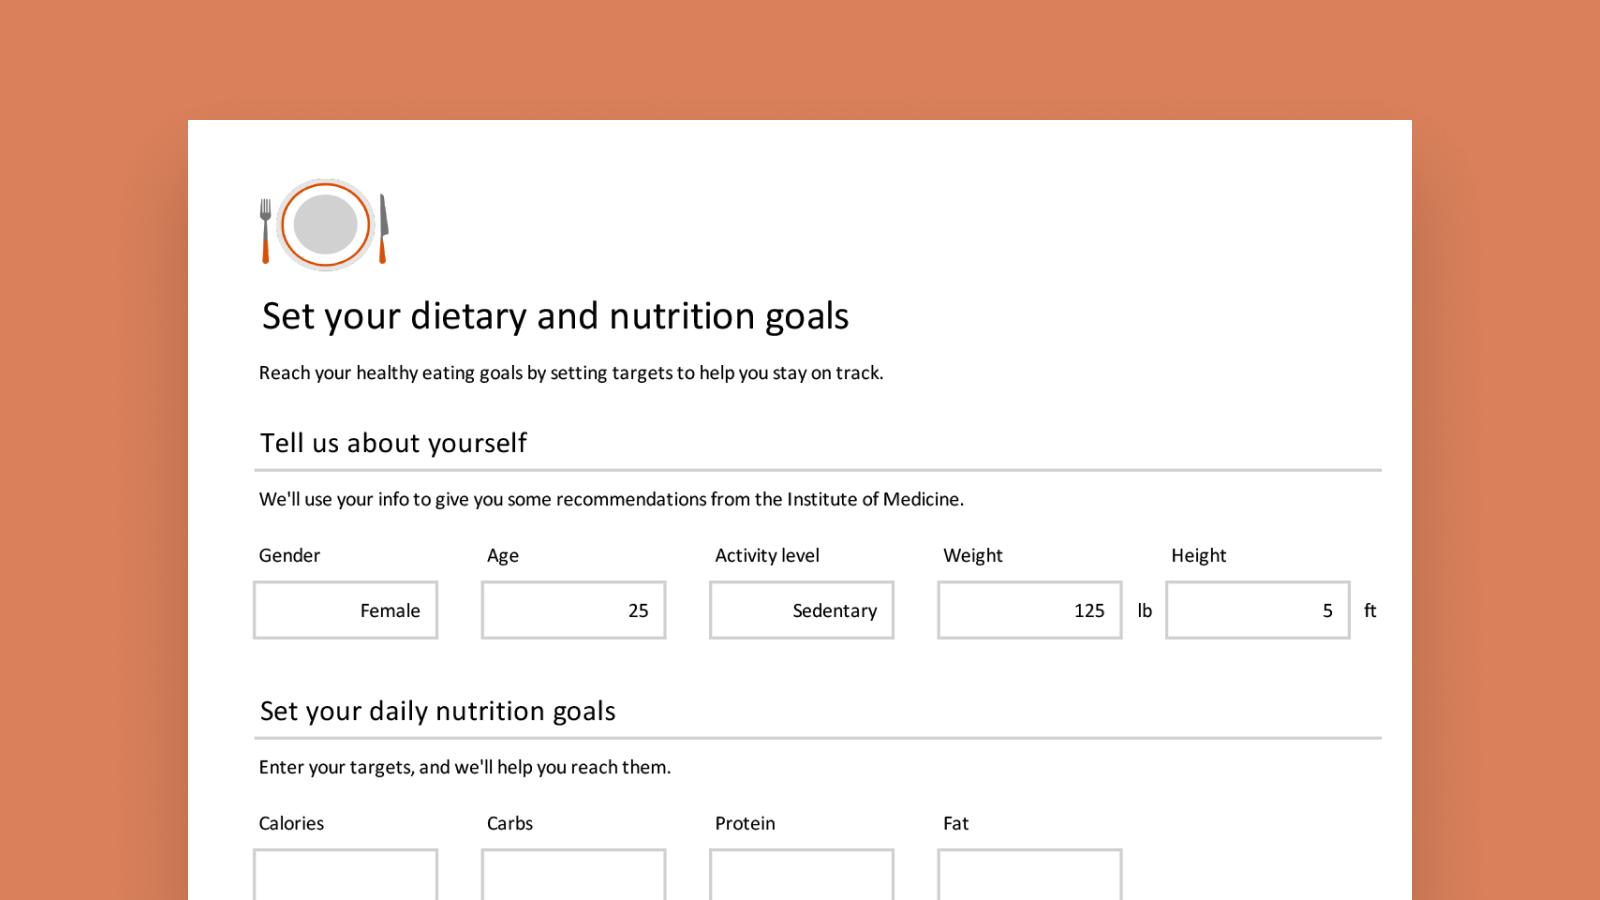 Снимок экрана: интеллектуальный шаблон отслеживания питательных веществ.